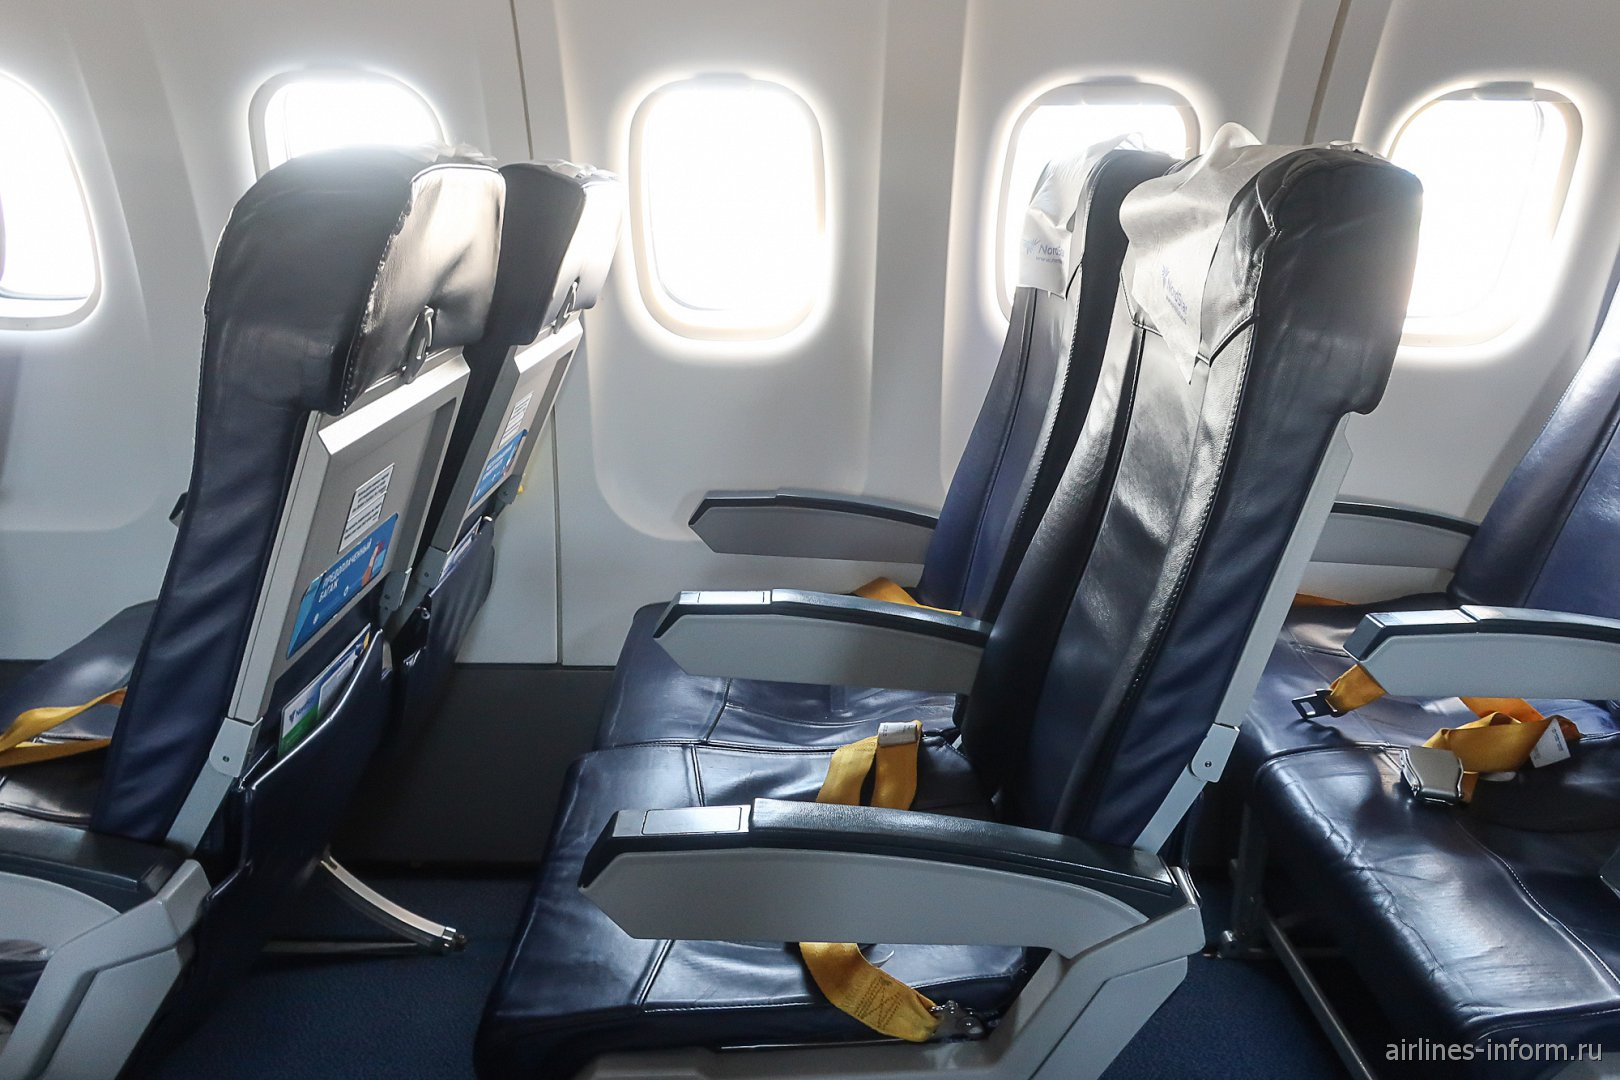 Пассажирские кресла в самолете ATR-42-500 авиакомпании NordStar